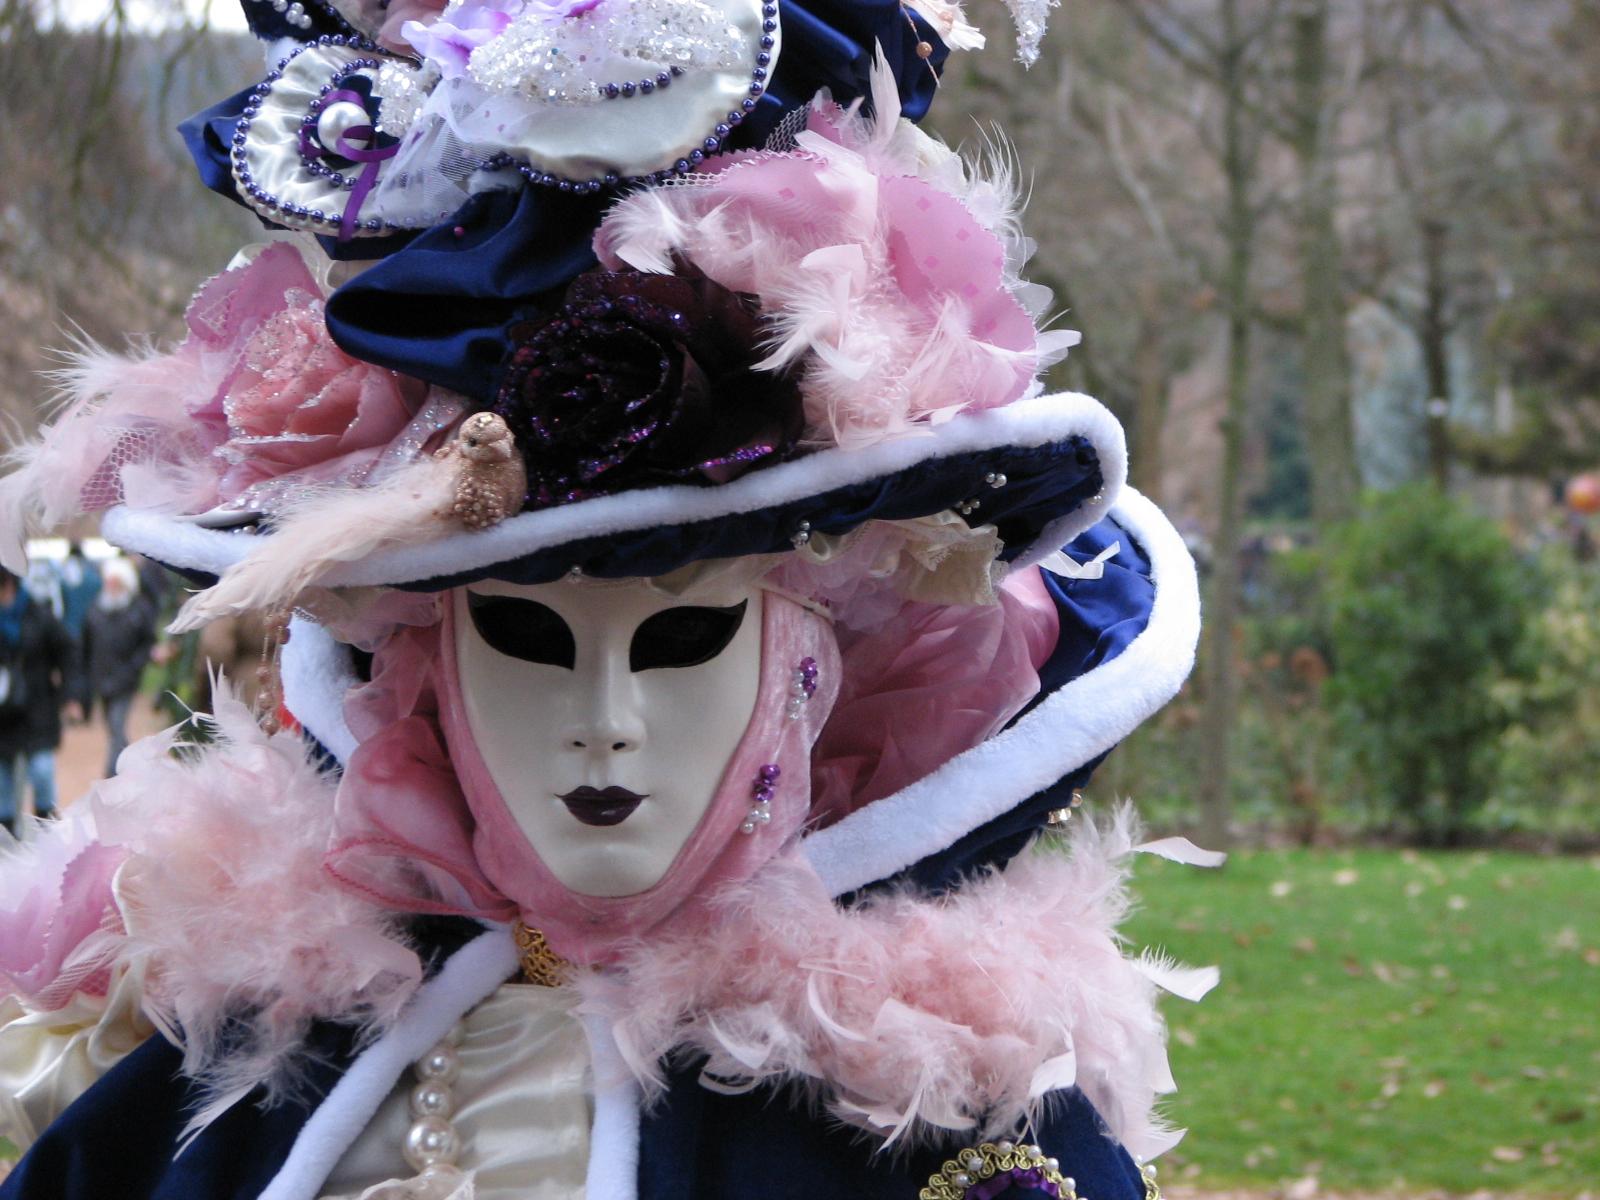 """Grand succès du carnaval vénitien ce samedi 20 février à Annecy qui justifie son appellation de """"Petite Venise des Alpes""""."""